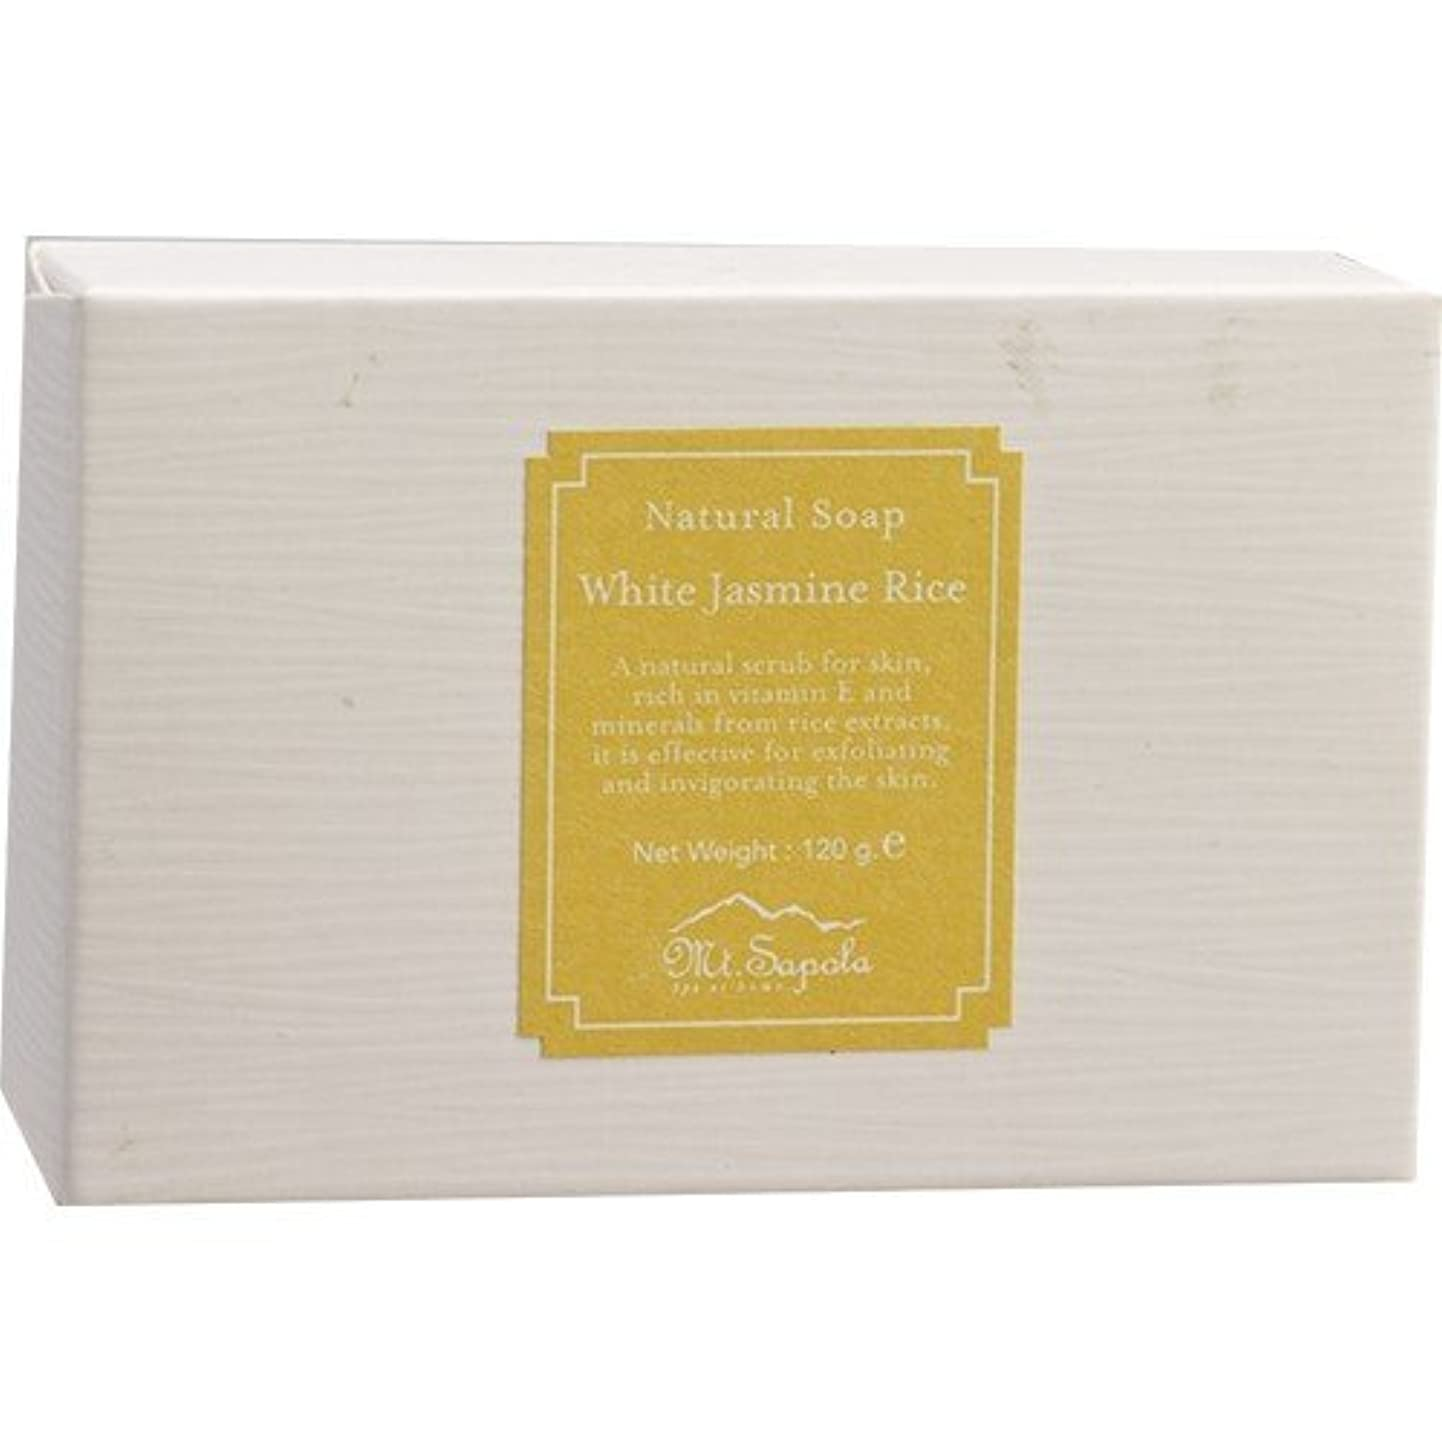 スポットアスレチックフォージMt.Sapola マウントサポラ ナチュラル石鹸 120g ジャスミンライス 日本未発売 [並行輸入品]